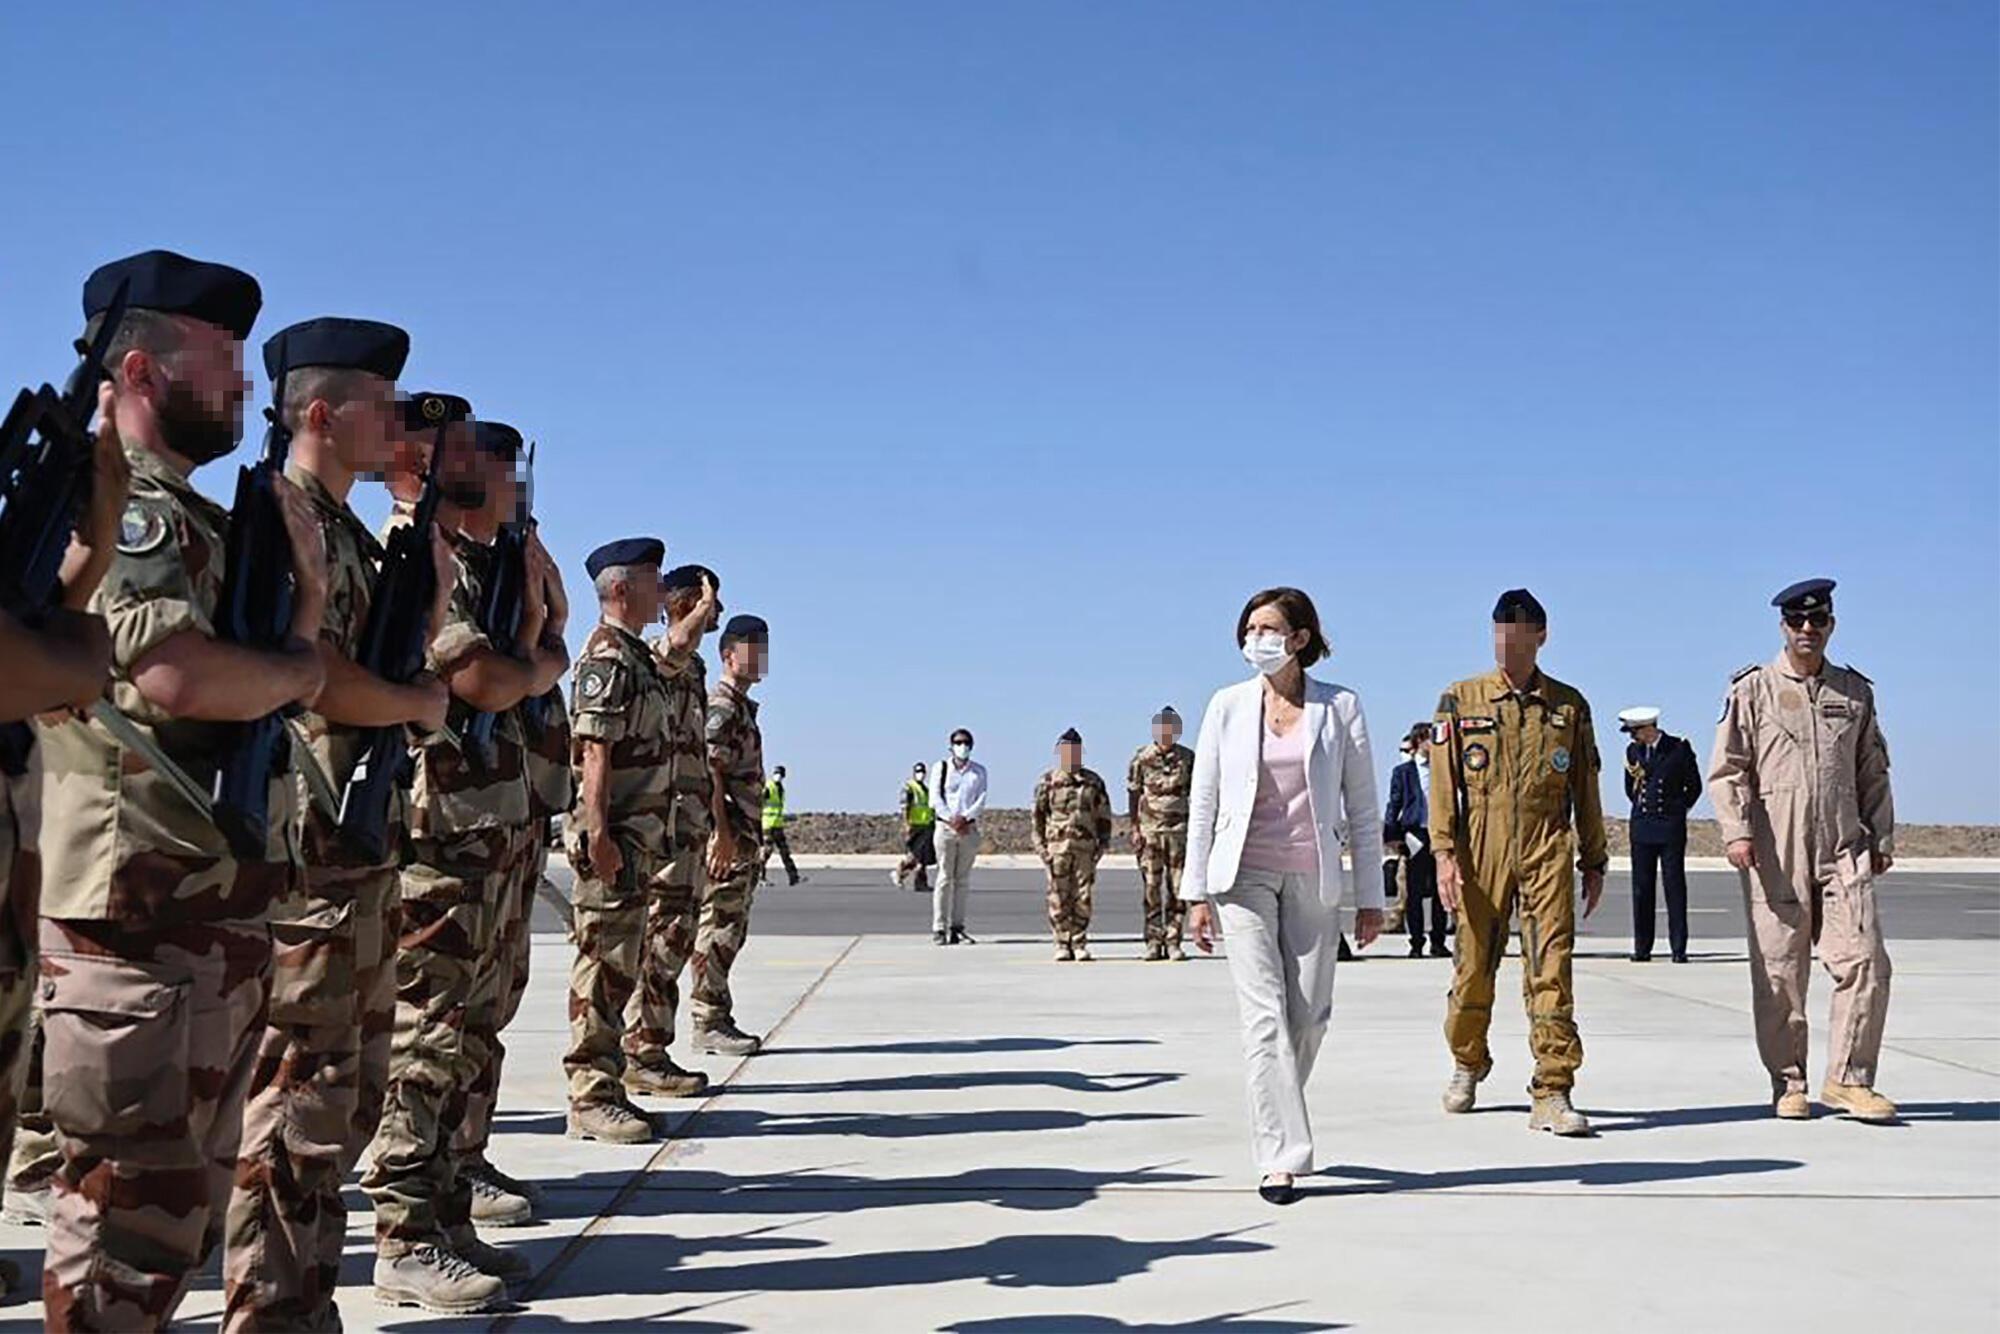 La ministre des Armées Florence Parly, en visite sur une base militaire en Jordanie, le 28 août.